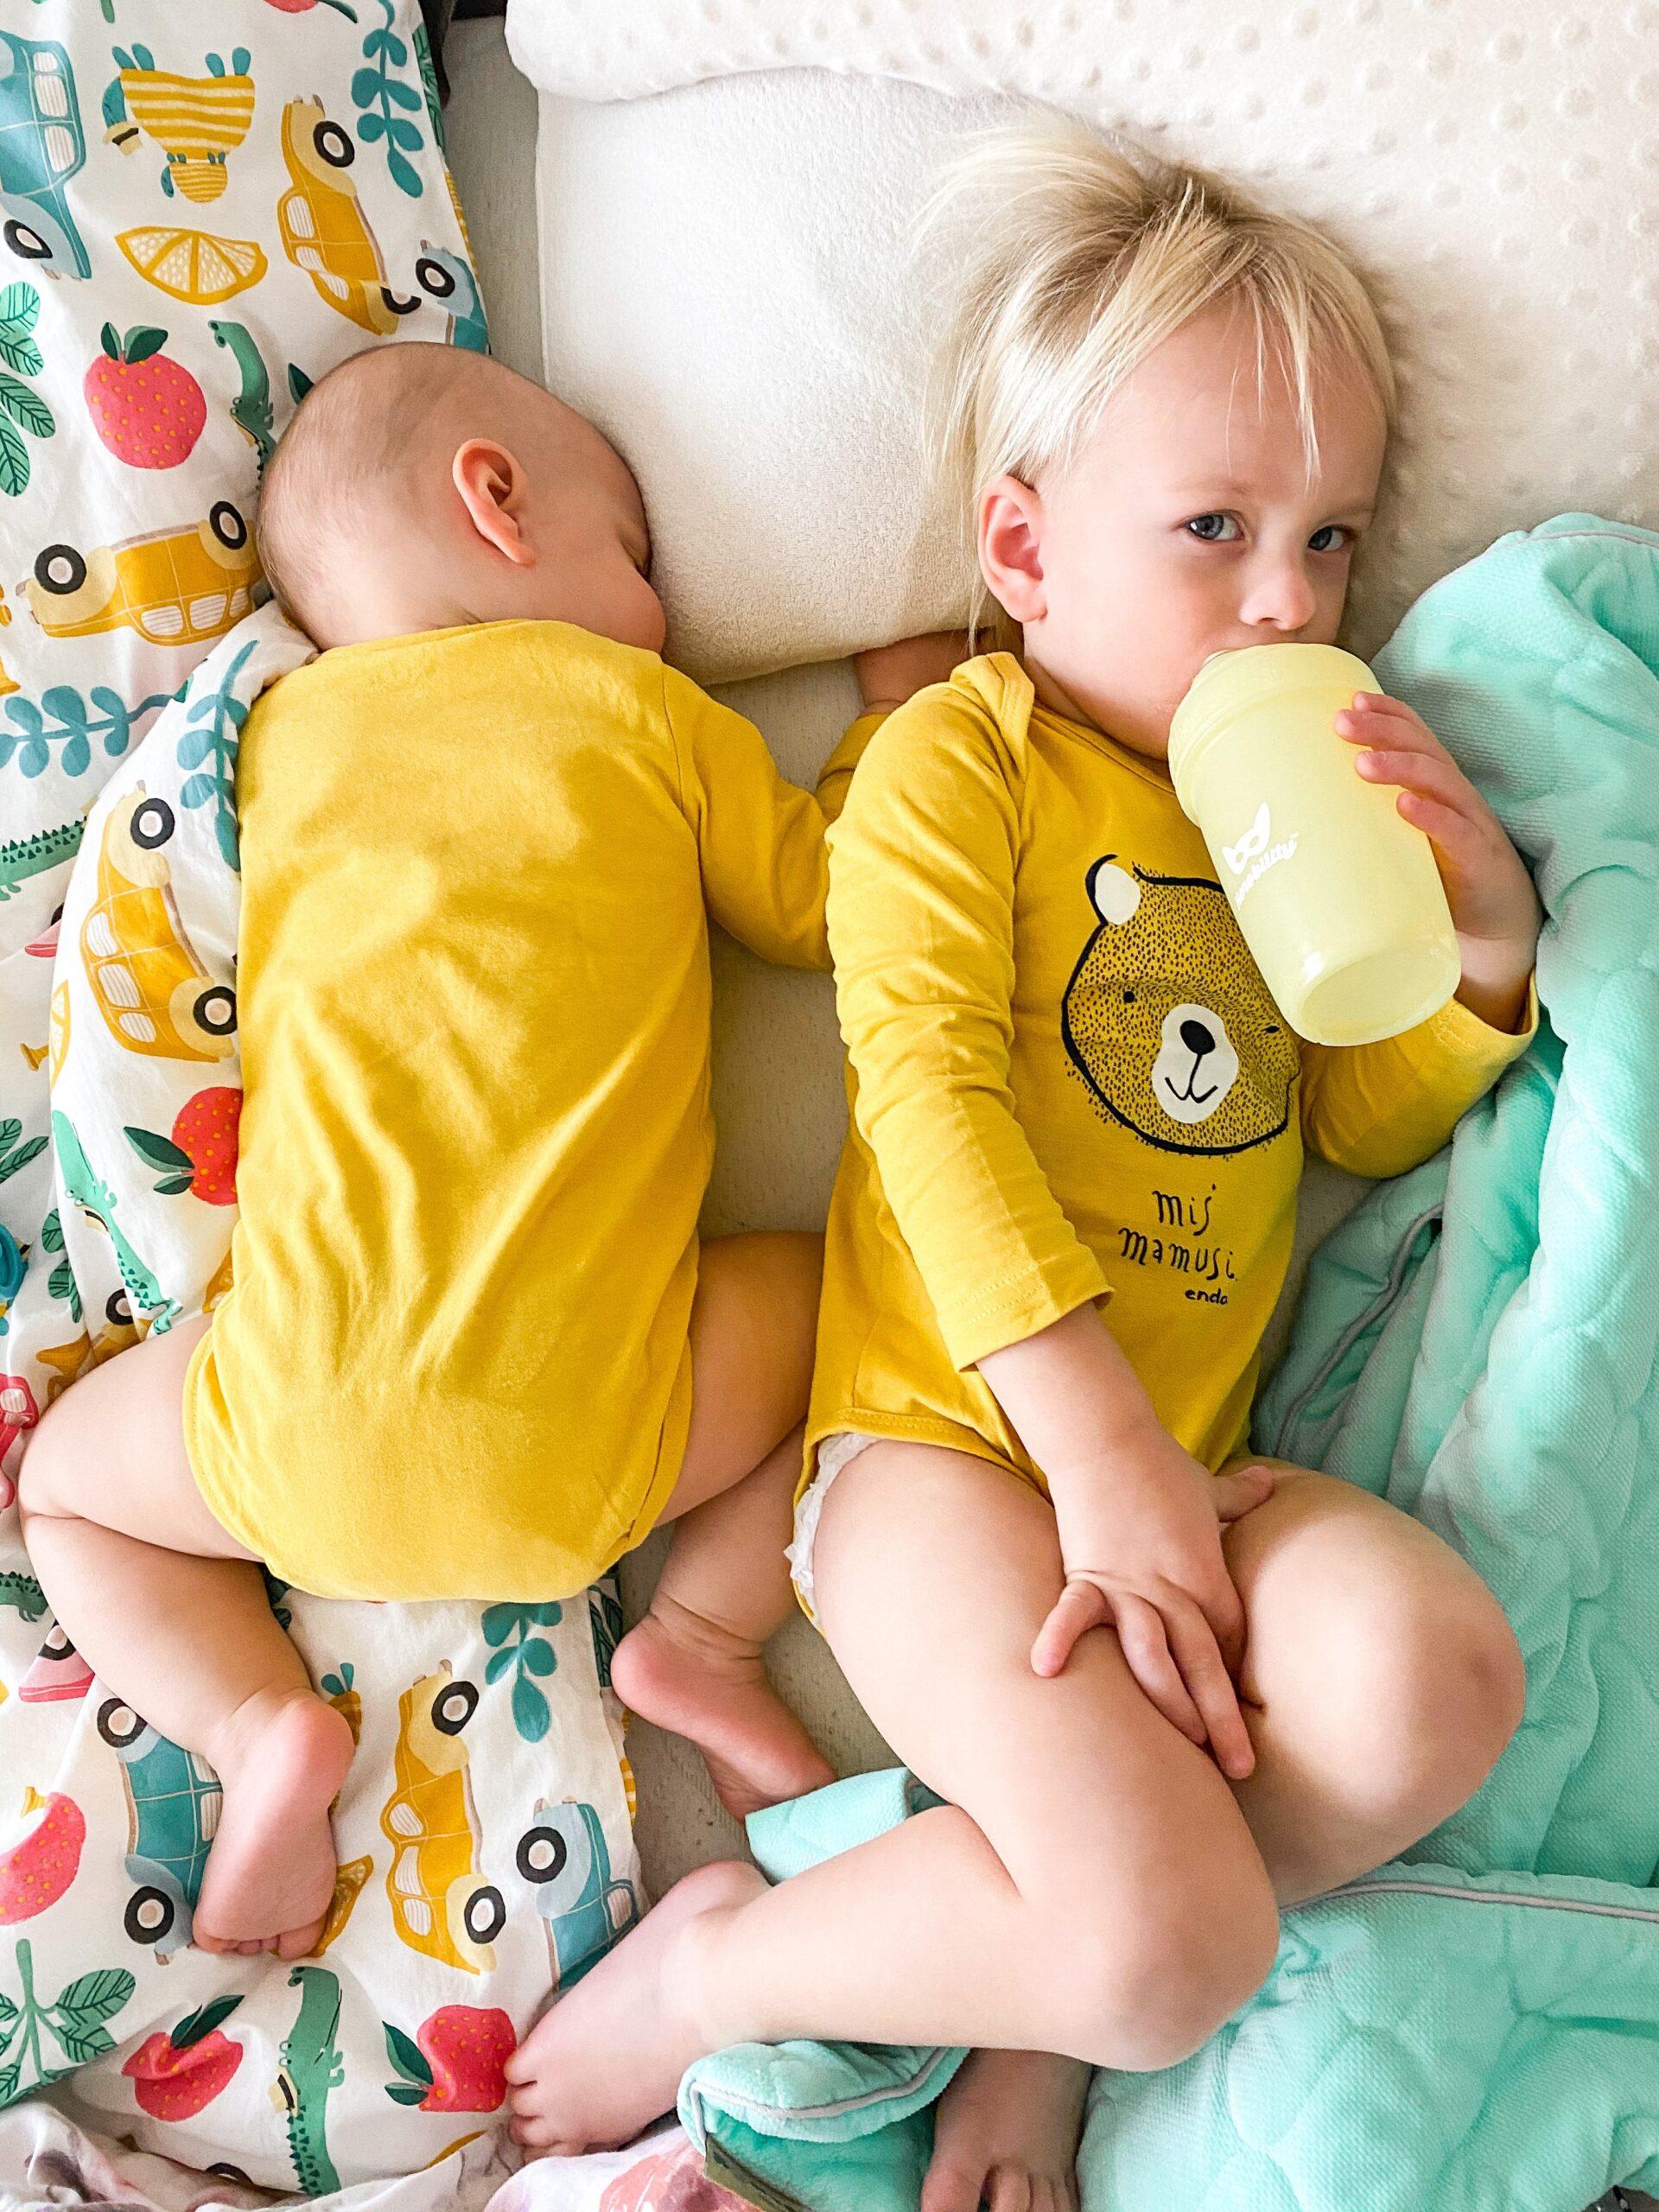 Mali chłopcy śpiący w żółtych body.